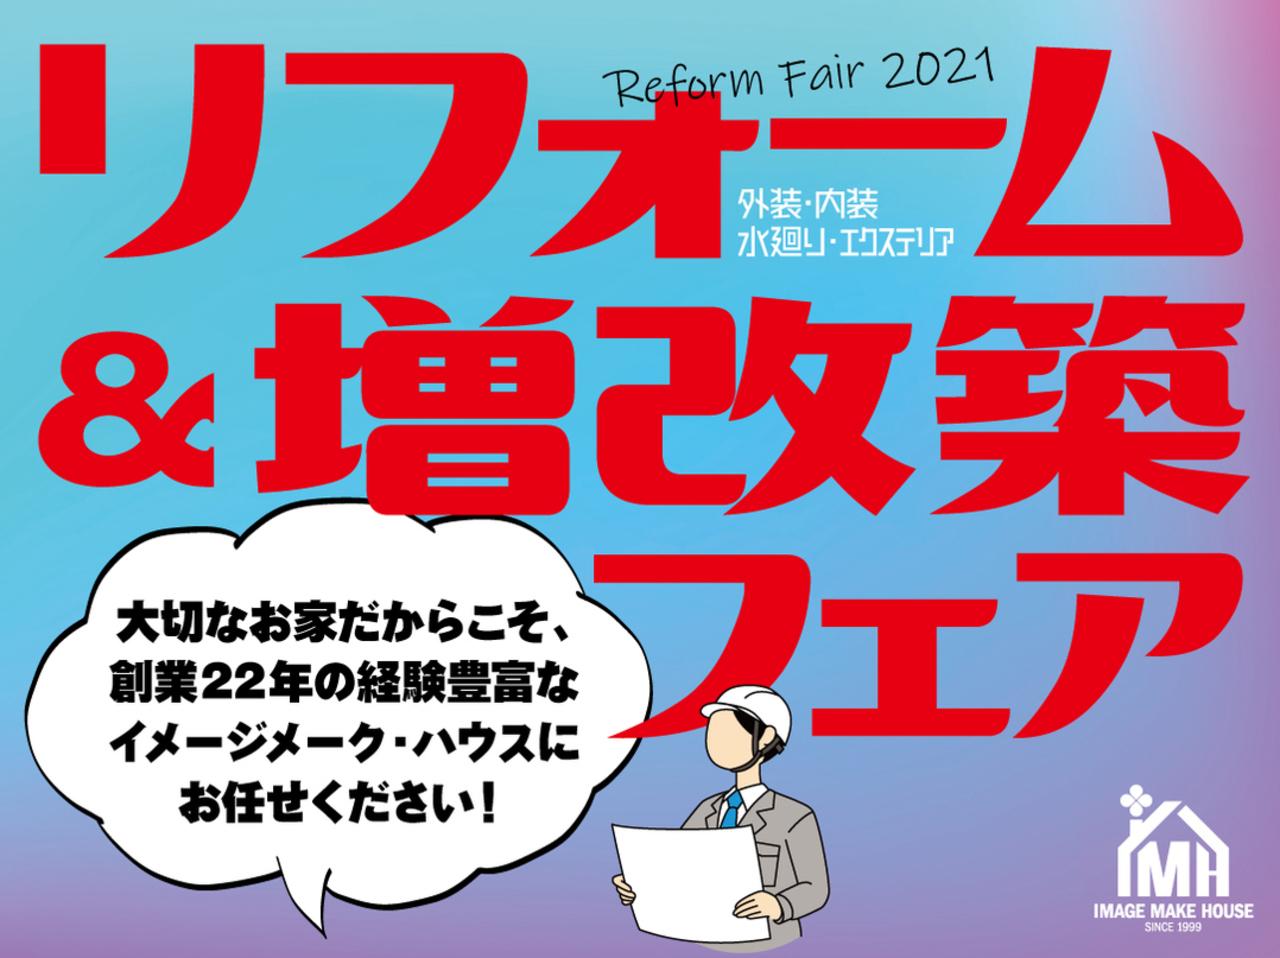 リフォーム&増改築フェアを開催!